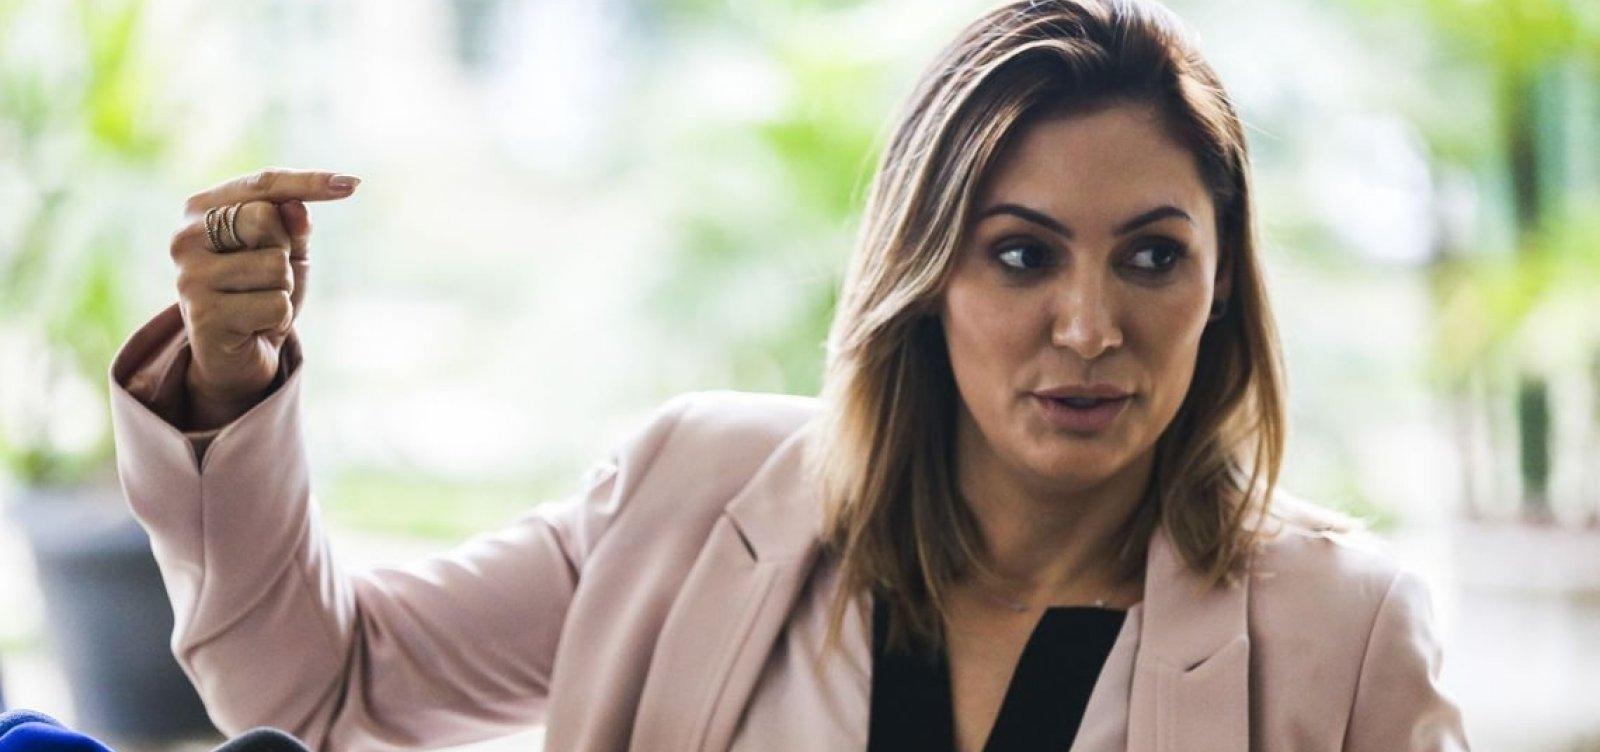 [Avó de Michelle Bolsonaro era traficante e mãe foi indiciada por falsificação ideológica, diz revista]